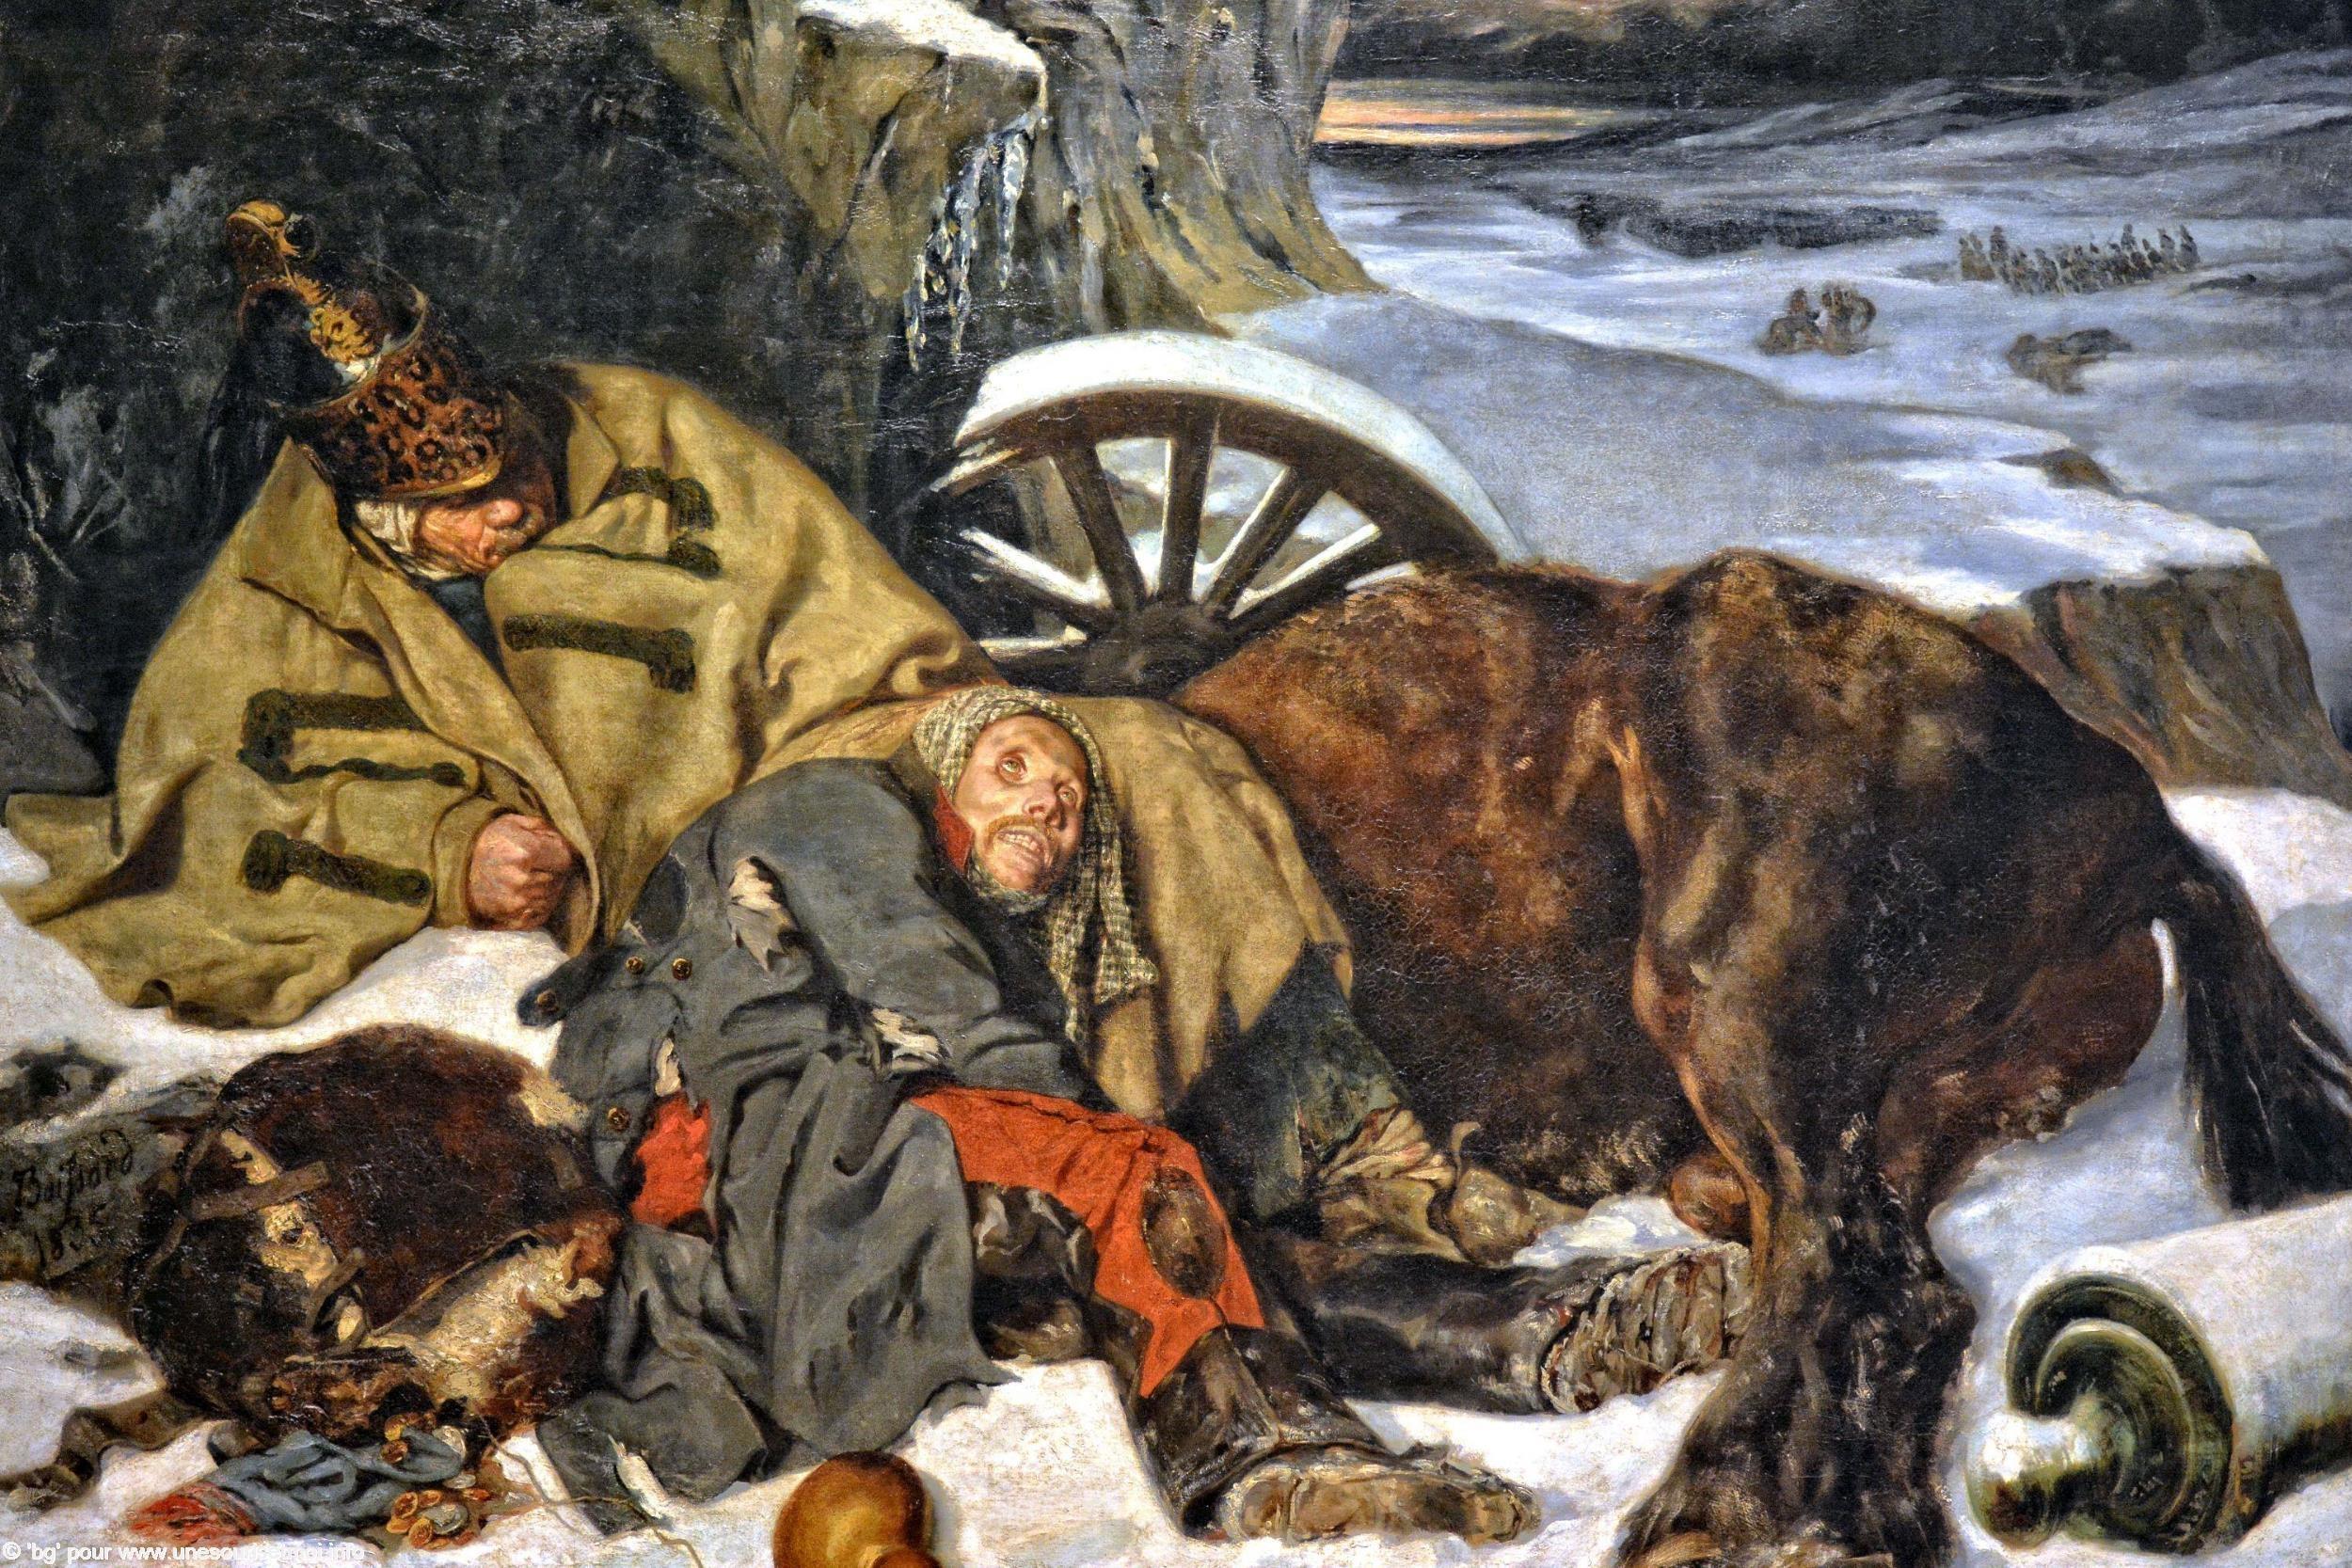 guerres-napoleoniennes-la-retraite-de-moscou-joseph-ferdinand-boissard-de-boisdenier-1835-huile-sur-toile